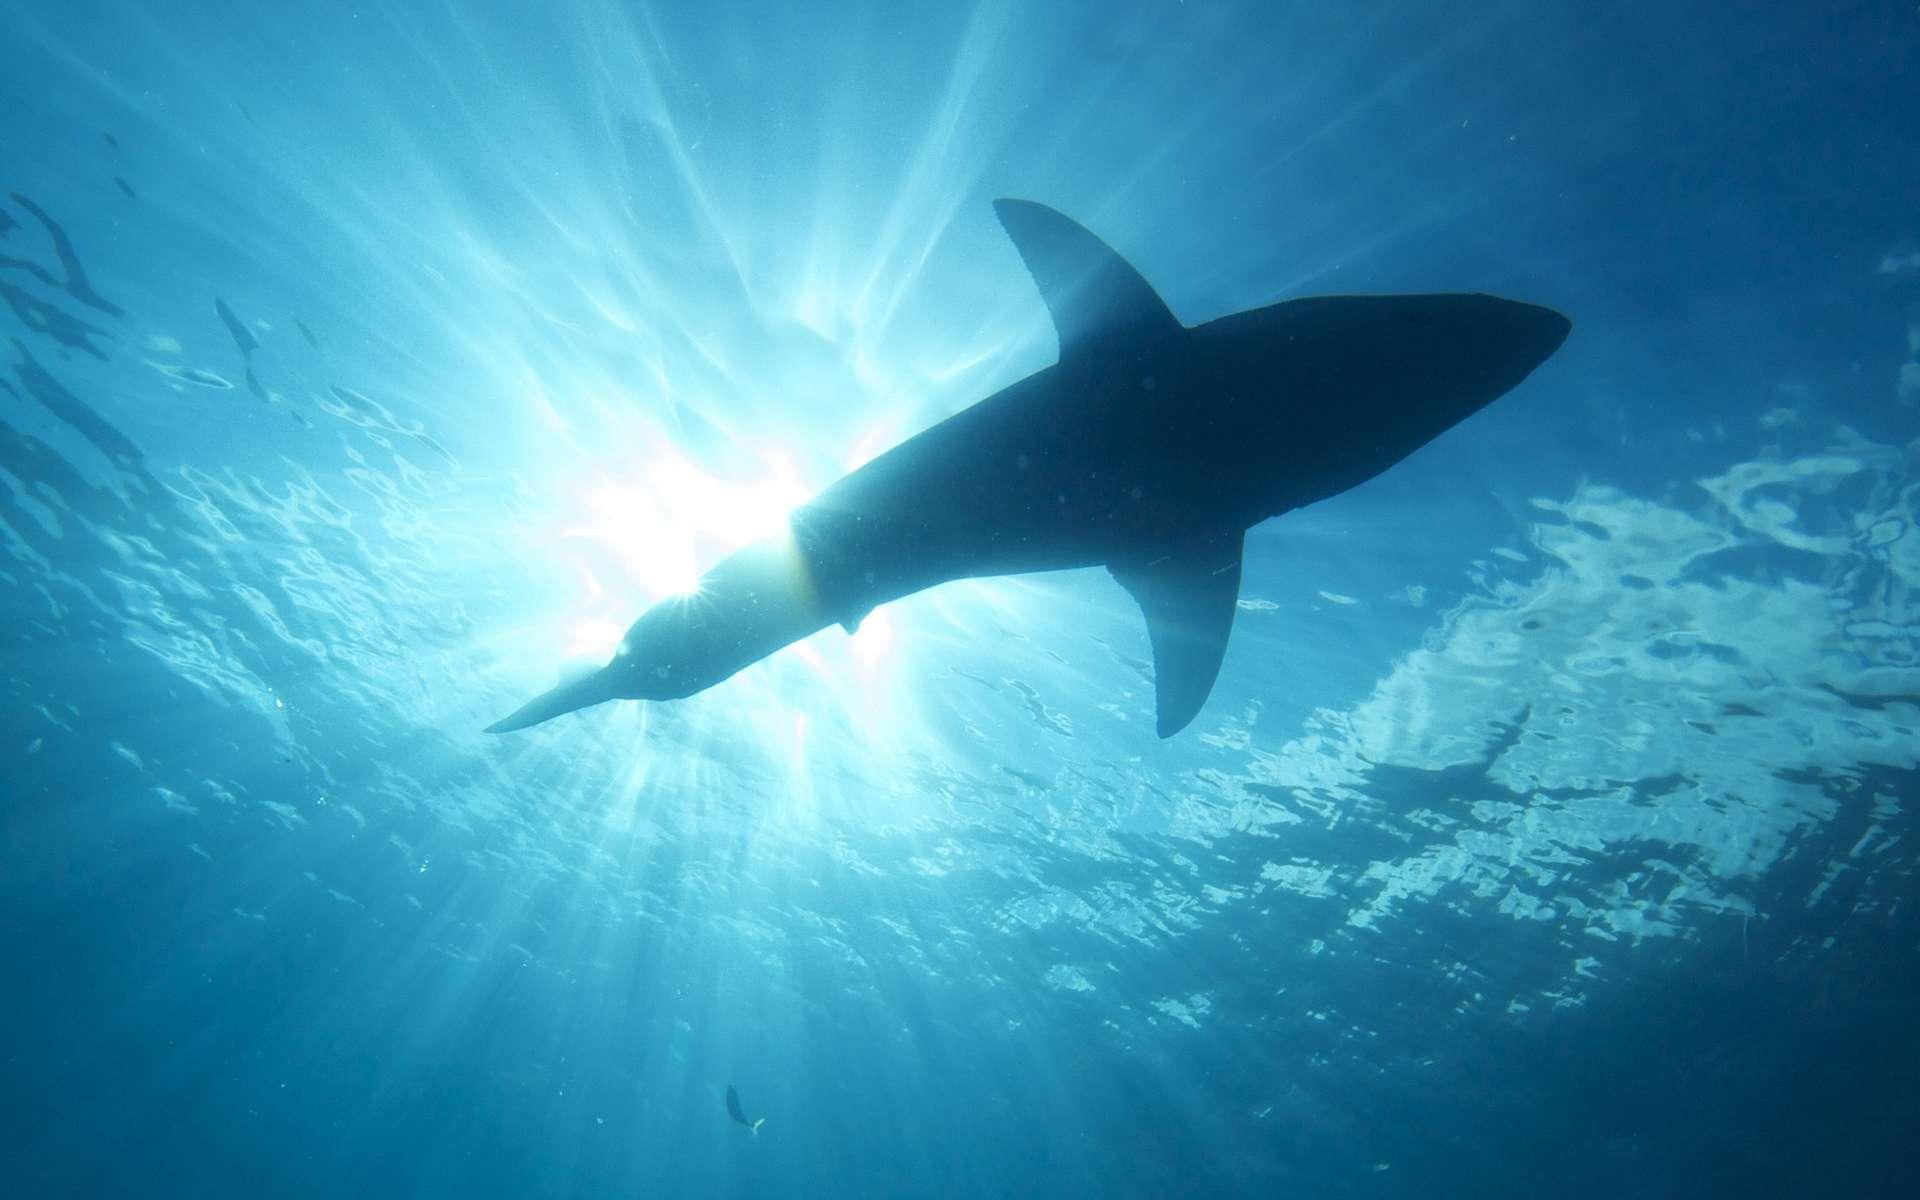 Le requin affectionne les eaux peu profondes. © Elias Levy, flickr, cc by 2.0